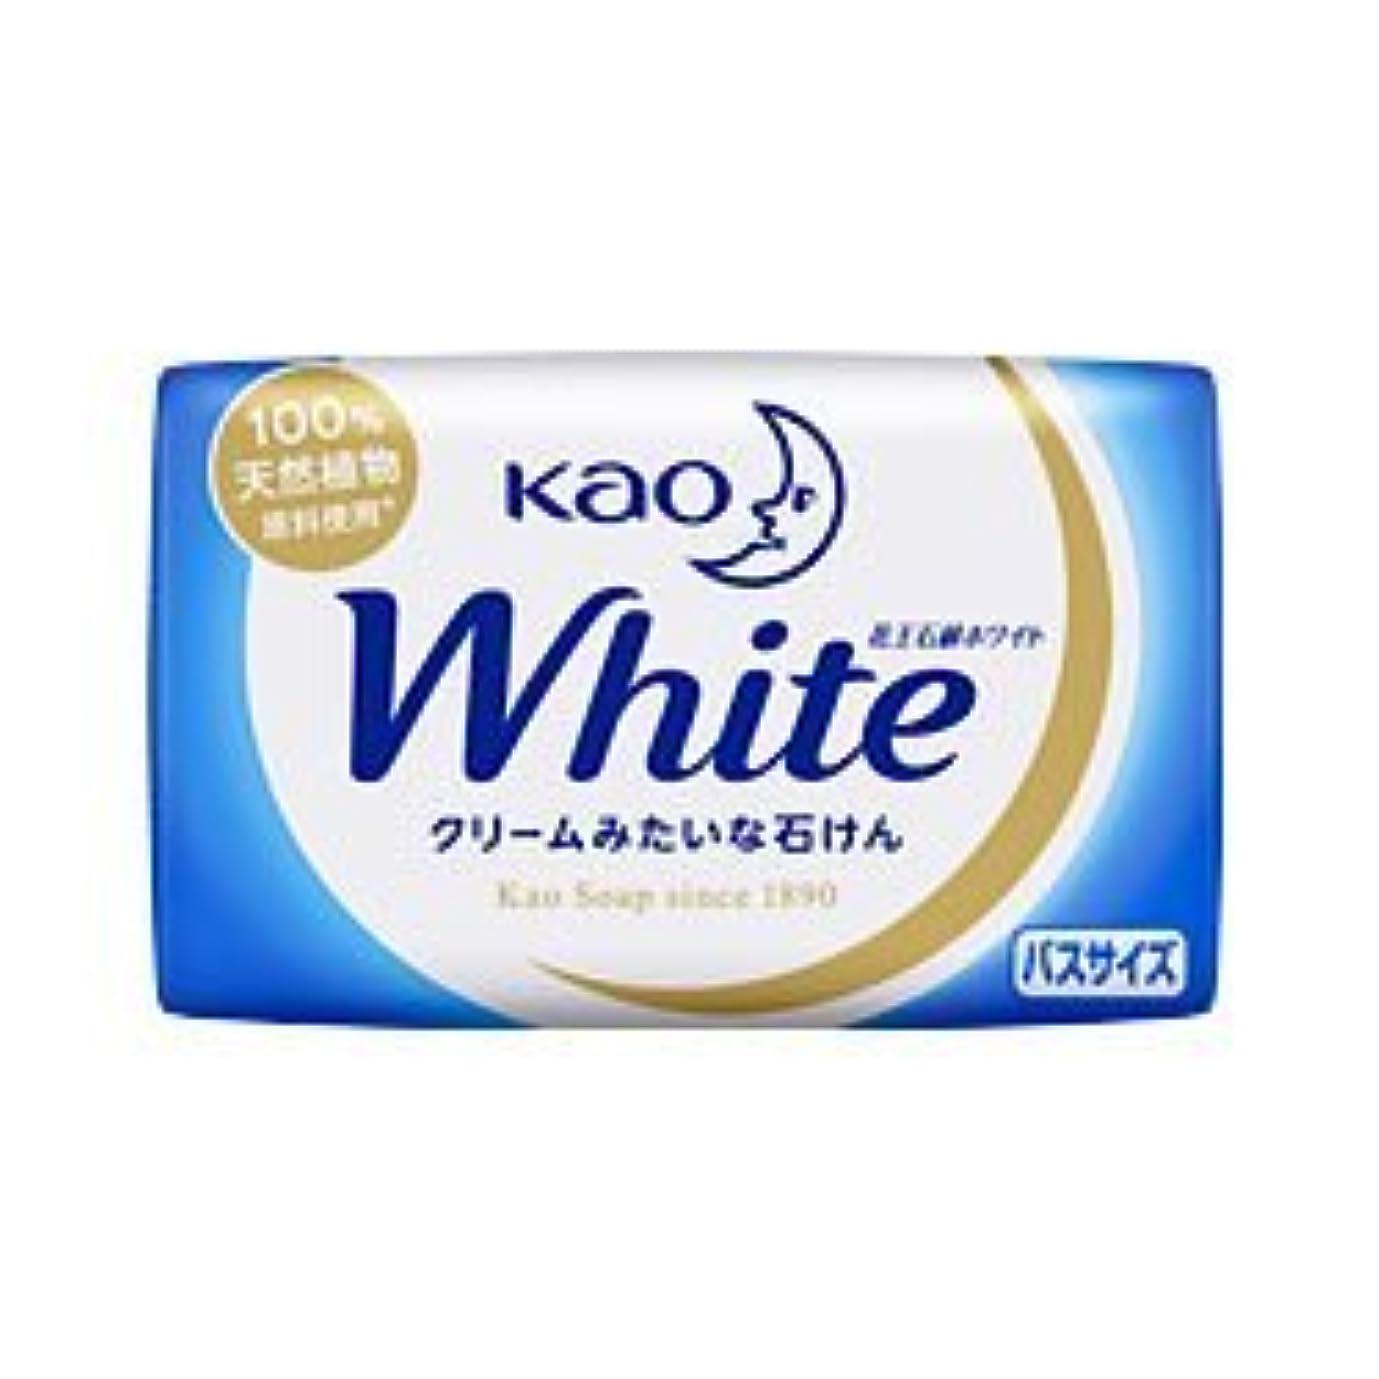 同情上下するドナー【花王】花王ホワイト バスサイズ 1個 130g ×20個セット